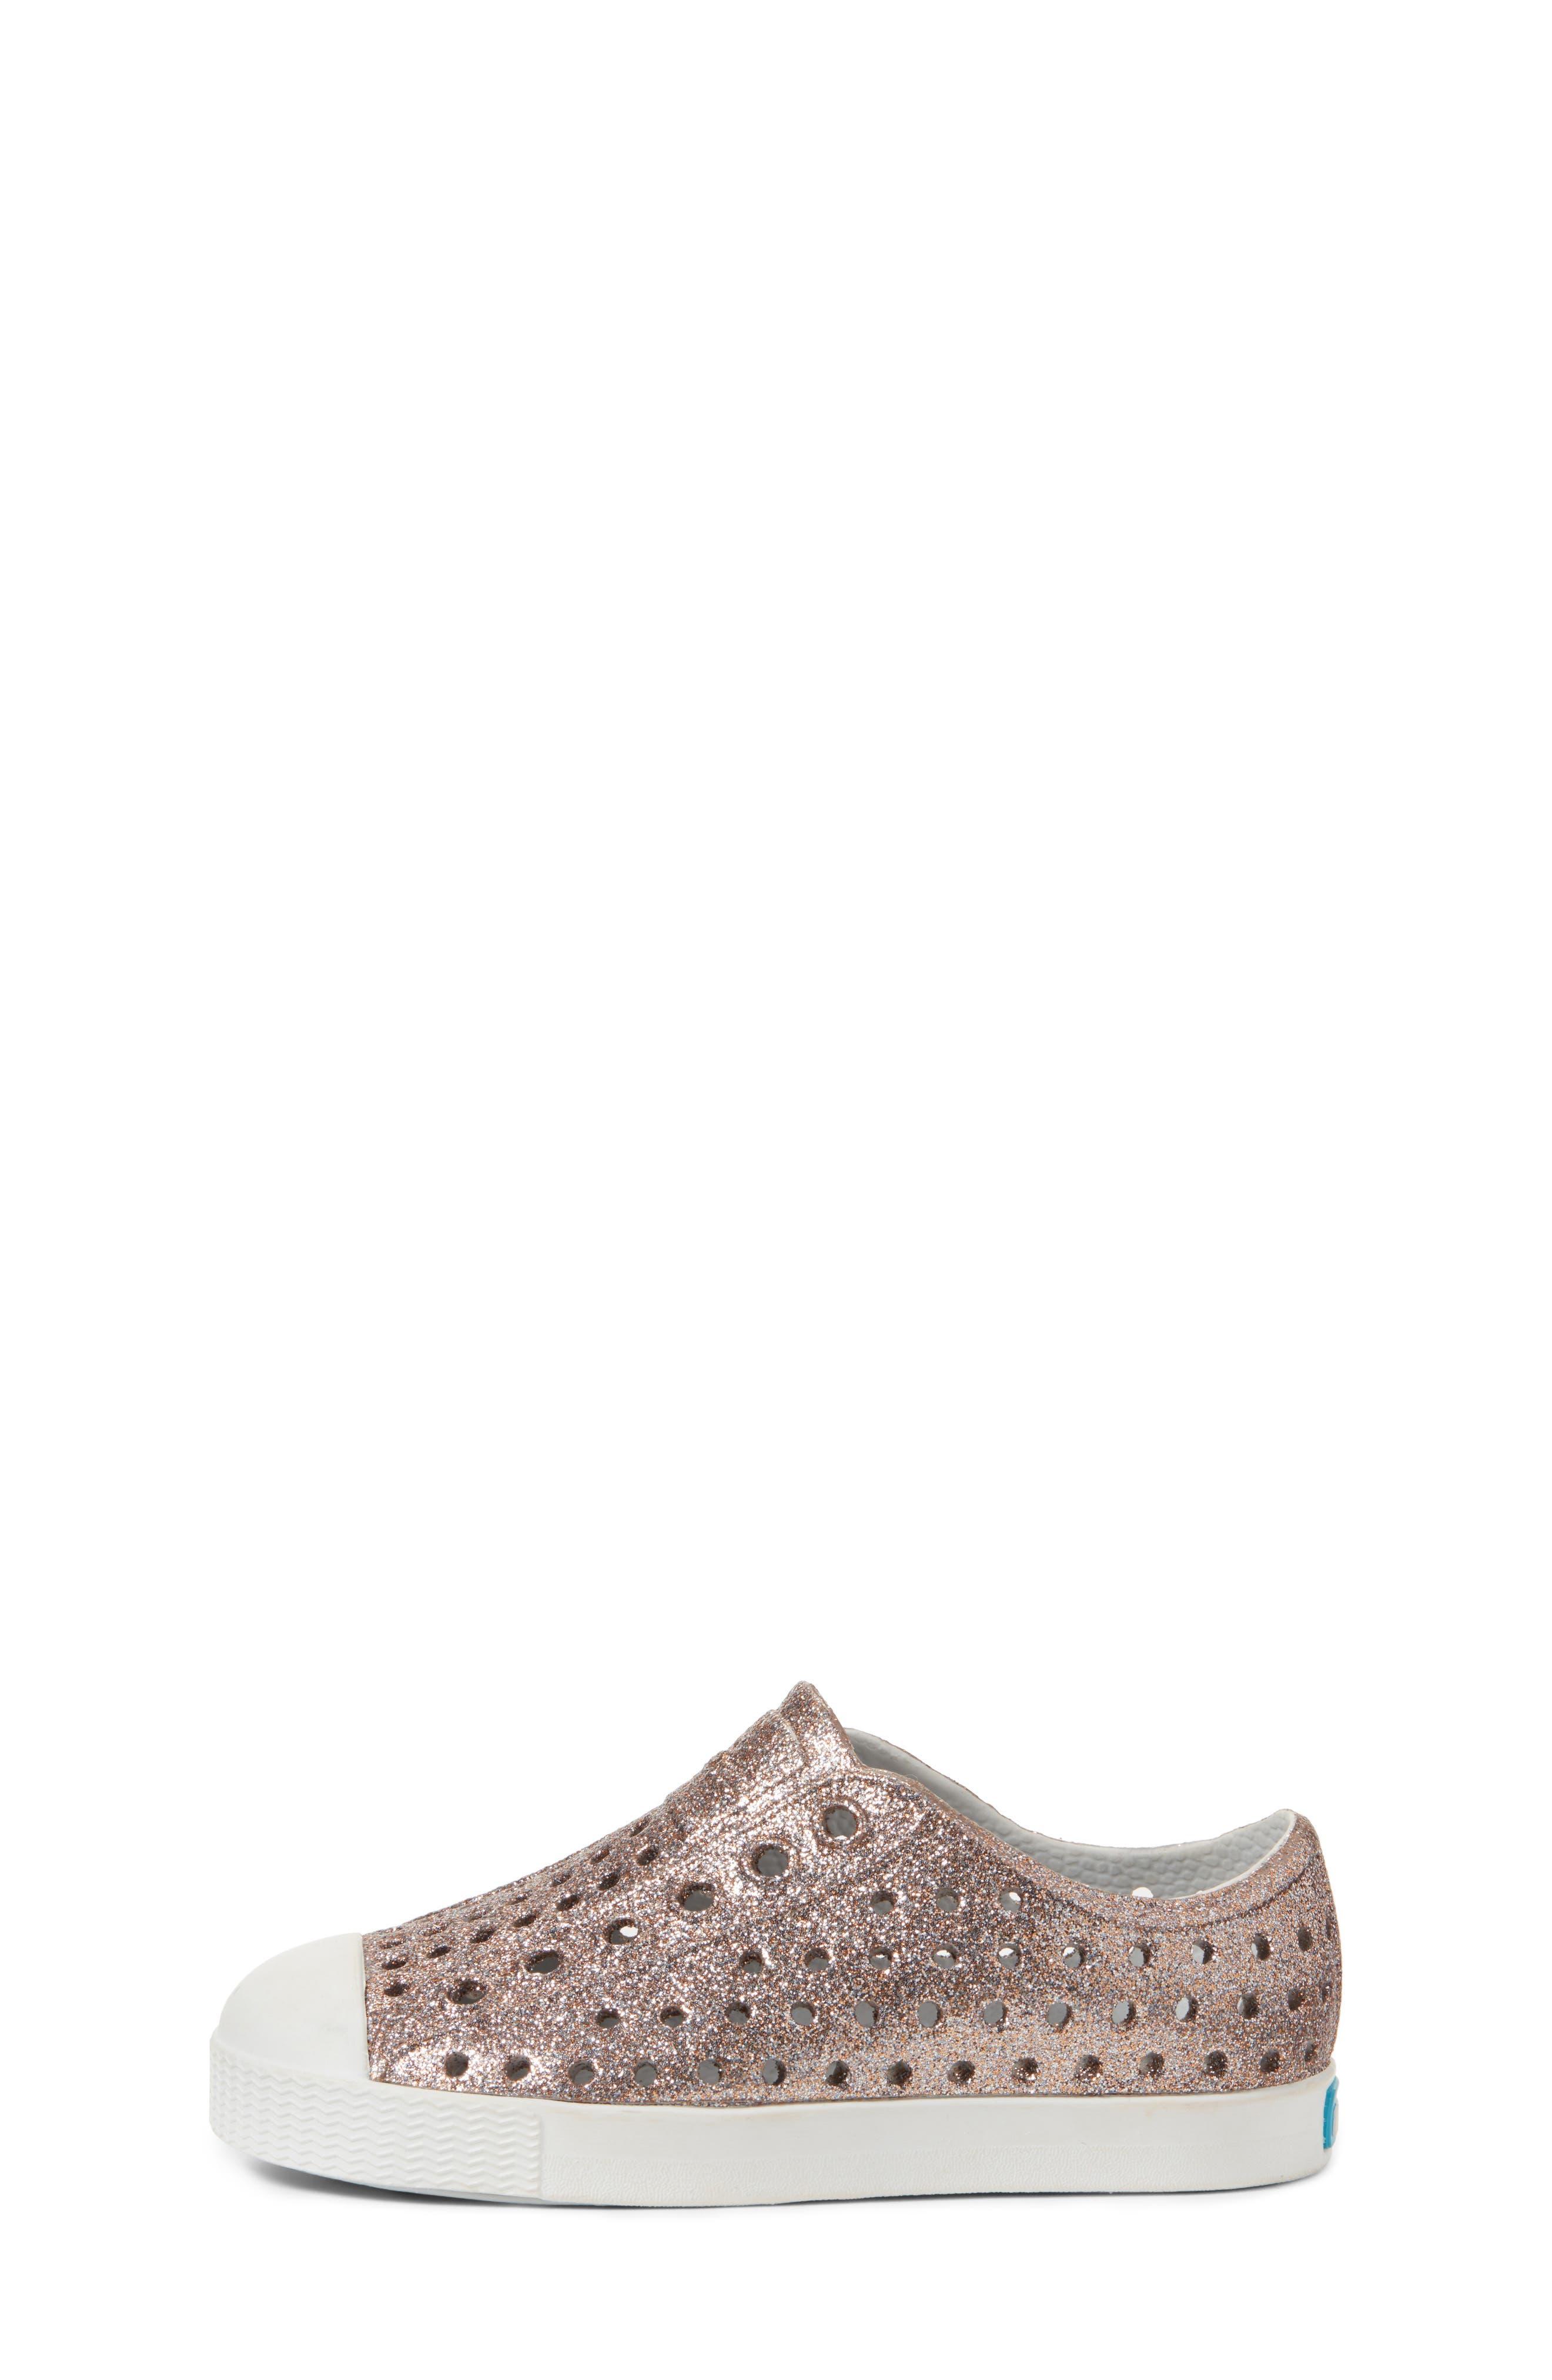 Jefferson - Bling Glitter Slip-On Sneaker,                             Alternate thumbnail 3, color,                             METALLIC BLING/ SHELL WHITE